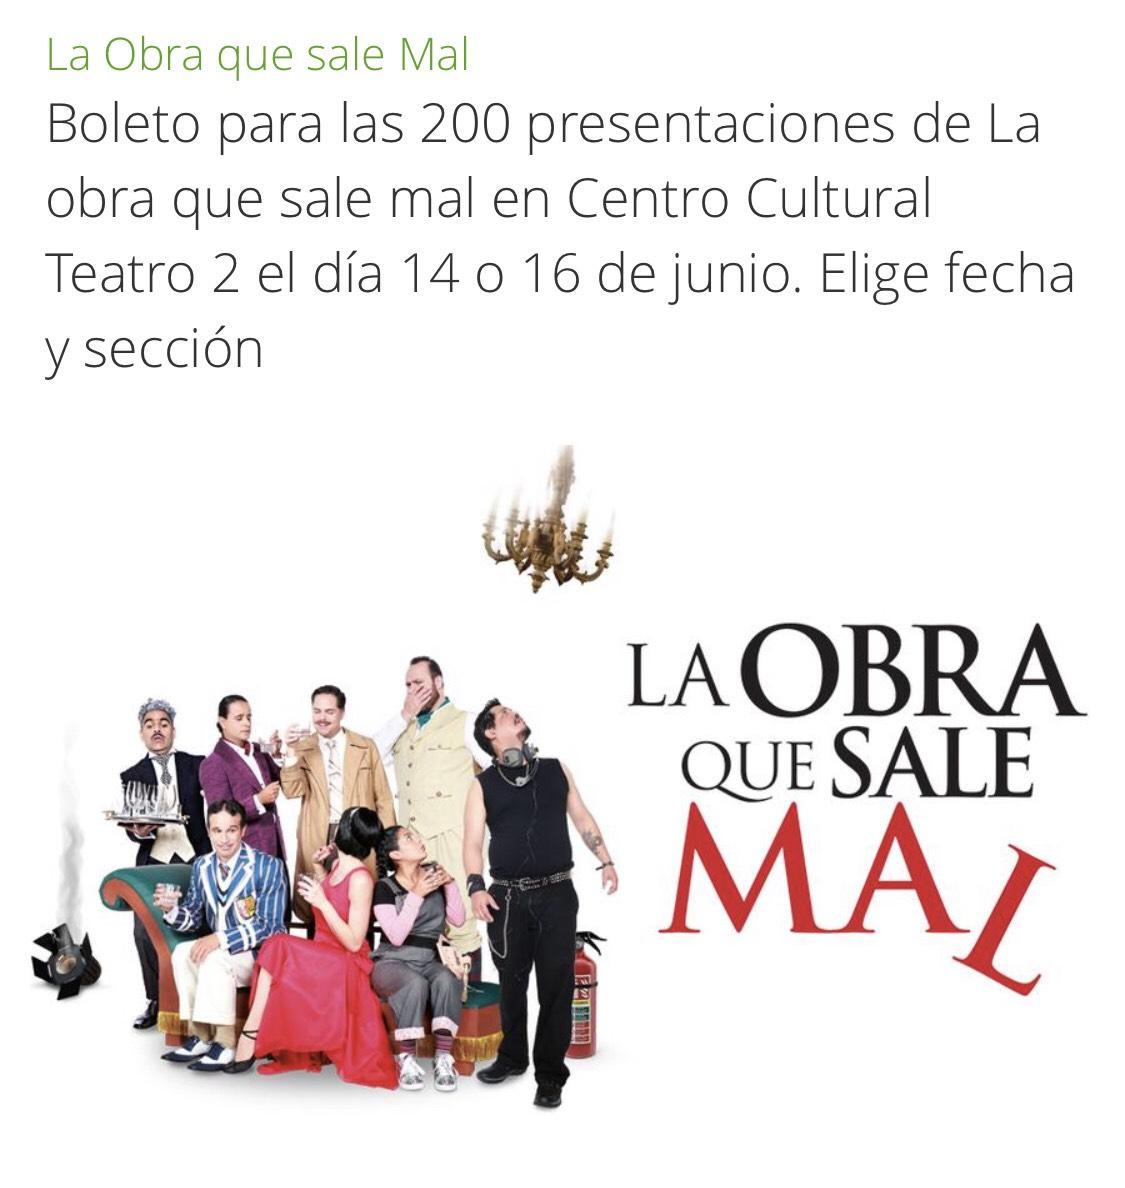 """Groupon: Boleto para las 200 presentaciones de La obra que sale mal en CDMX (Sección """"Orquesta"""")"""